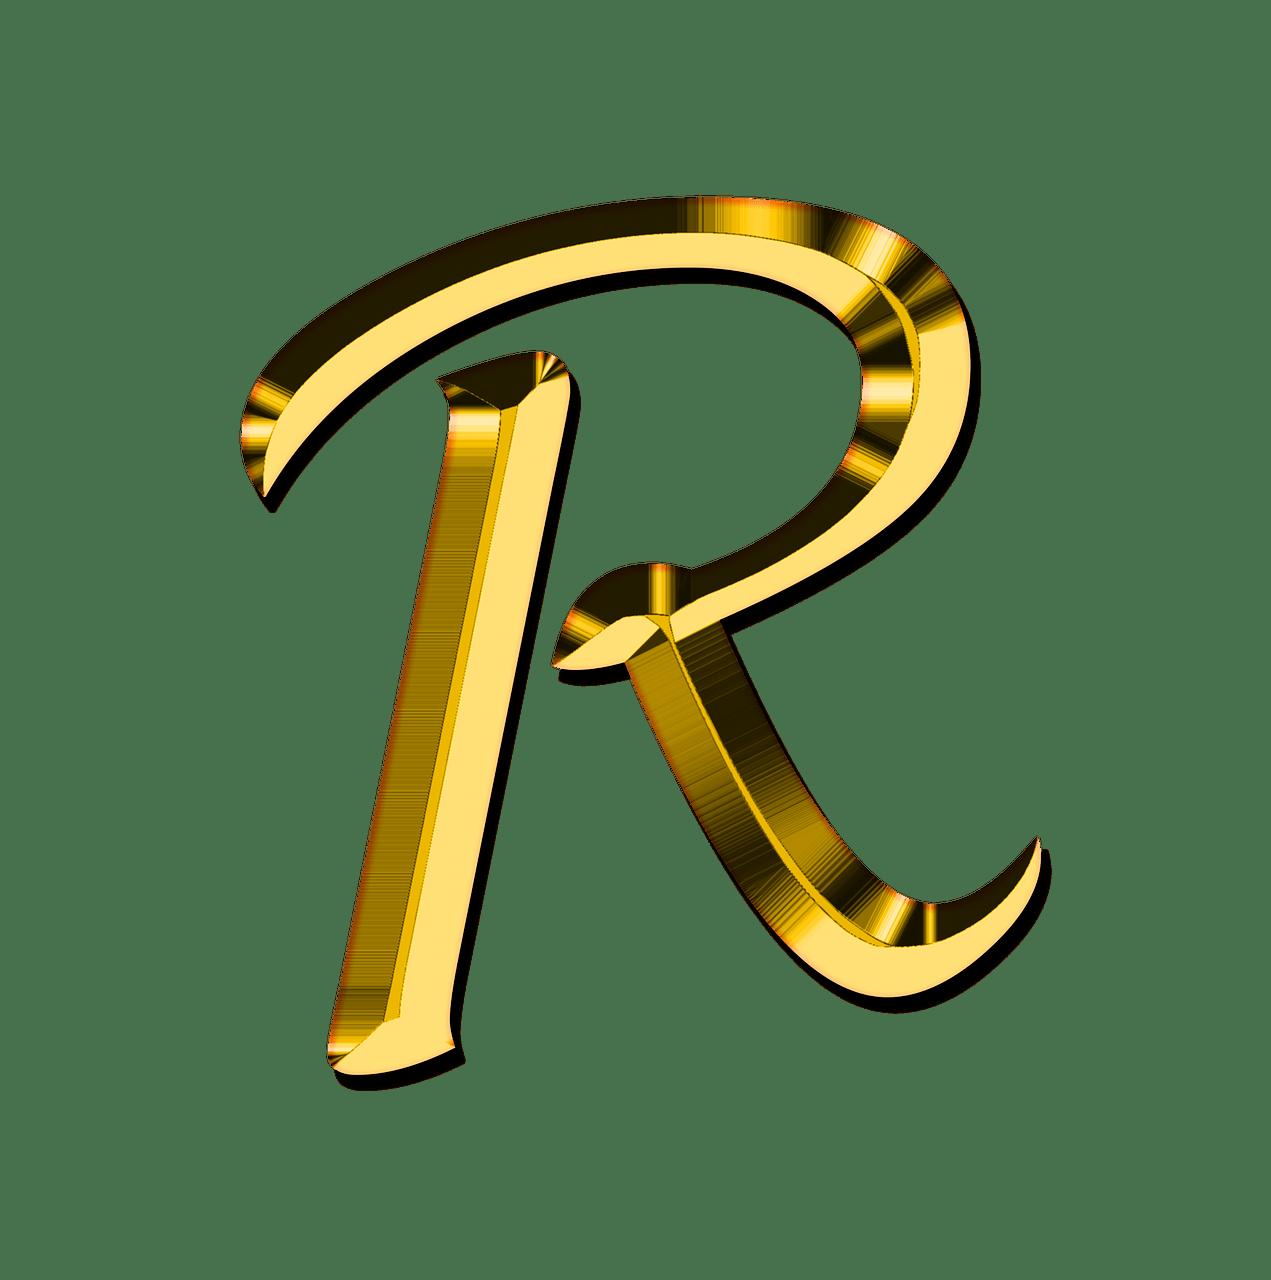 بالصور صور حرف r , حرف r مزخرف وشكله جذاب 3900